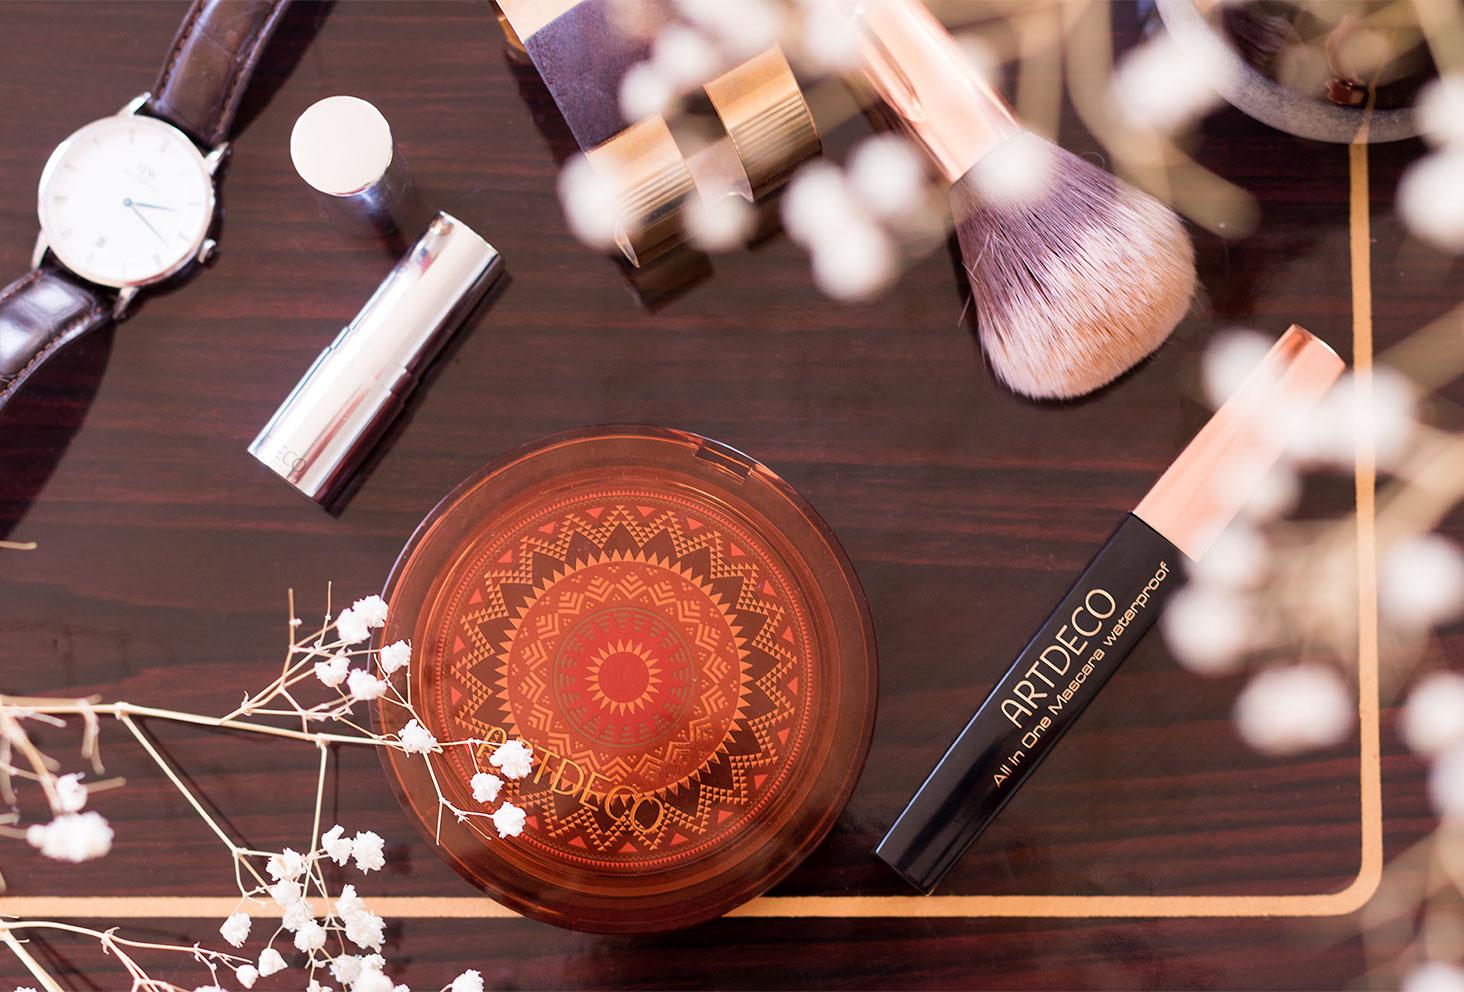 La poudre bronzante, le rouge à lèvres et le mascara ARTDECO vu de haut, posés sur une table en bois vernis au milieu des pinceaux et fleurs sèches